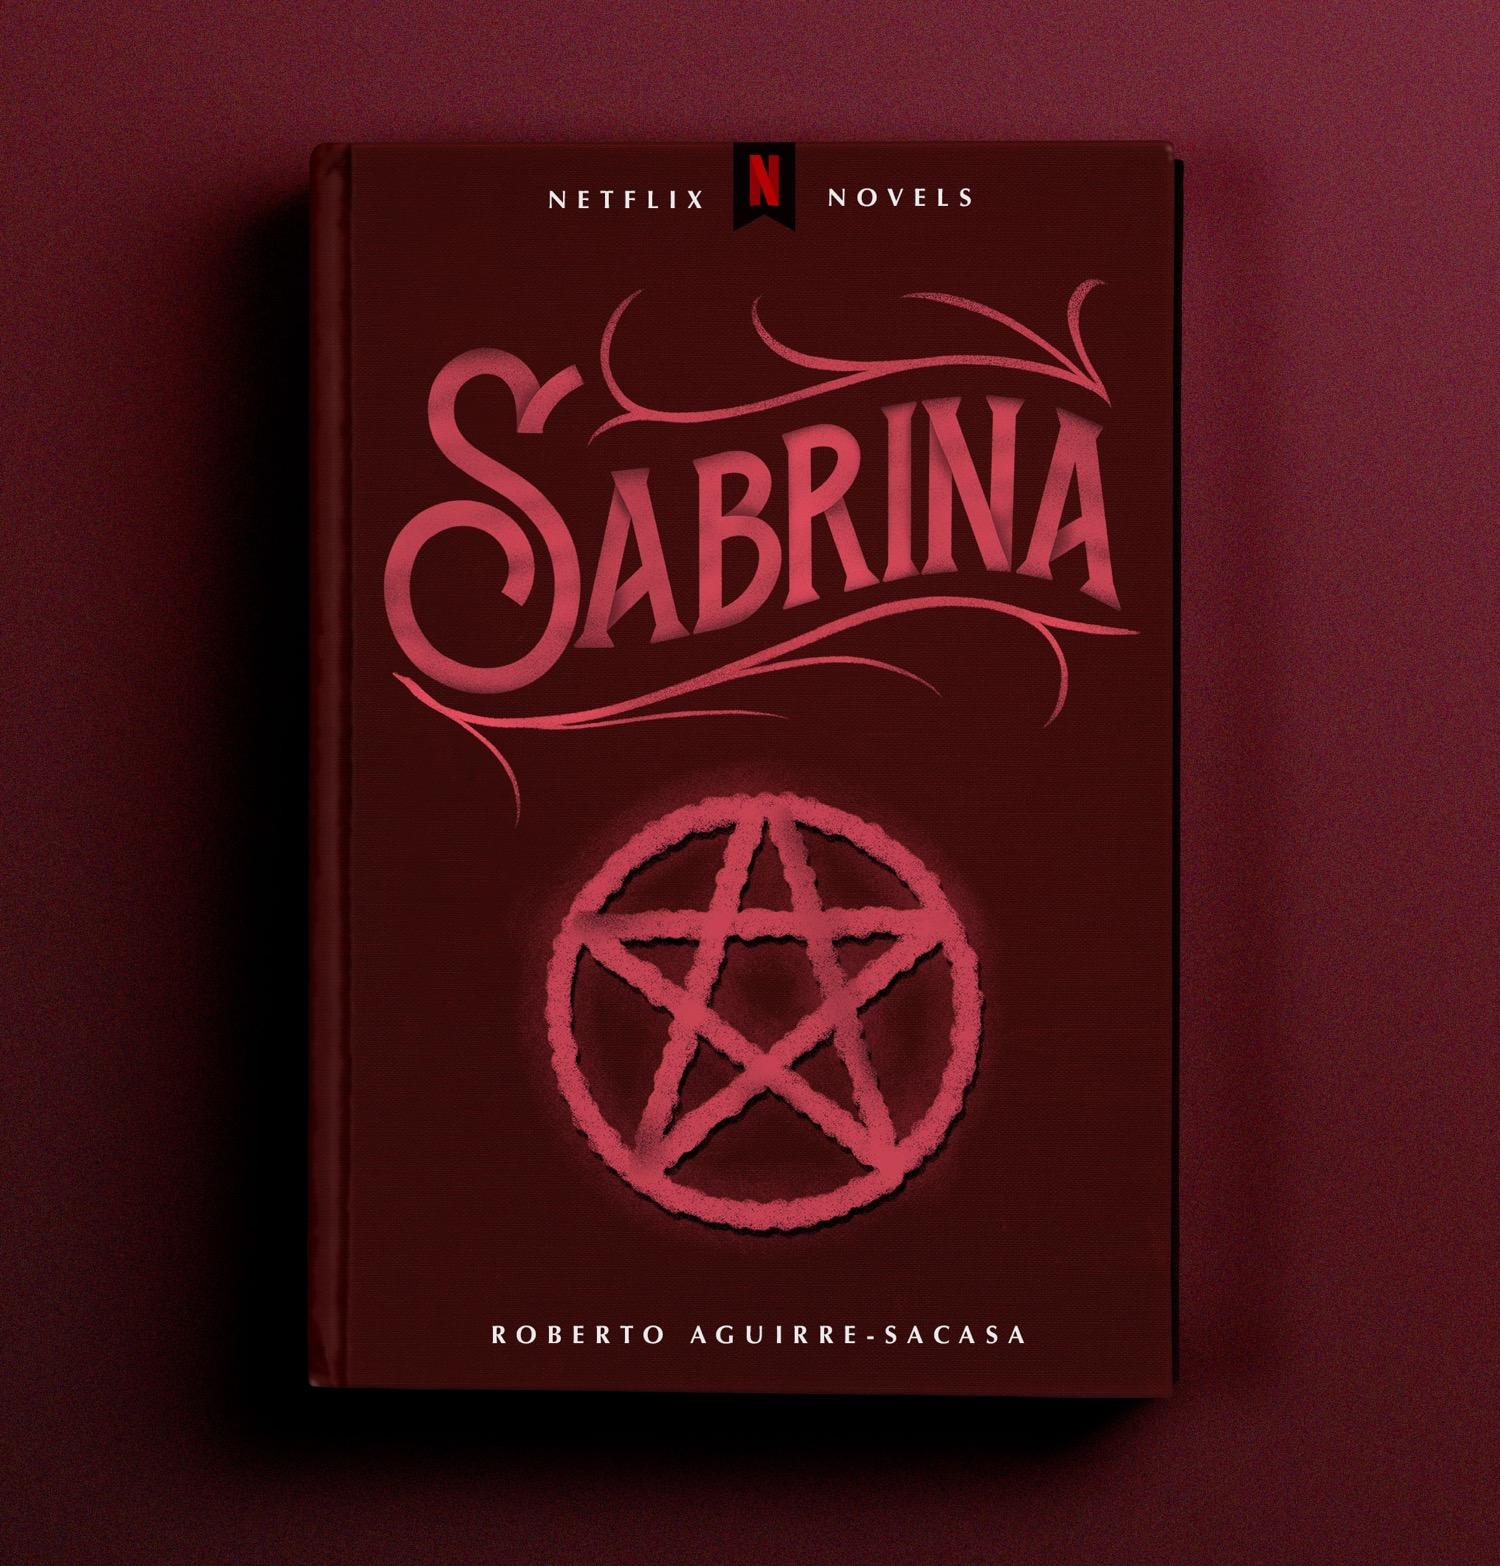 sabrina cover mockup